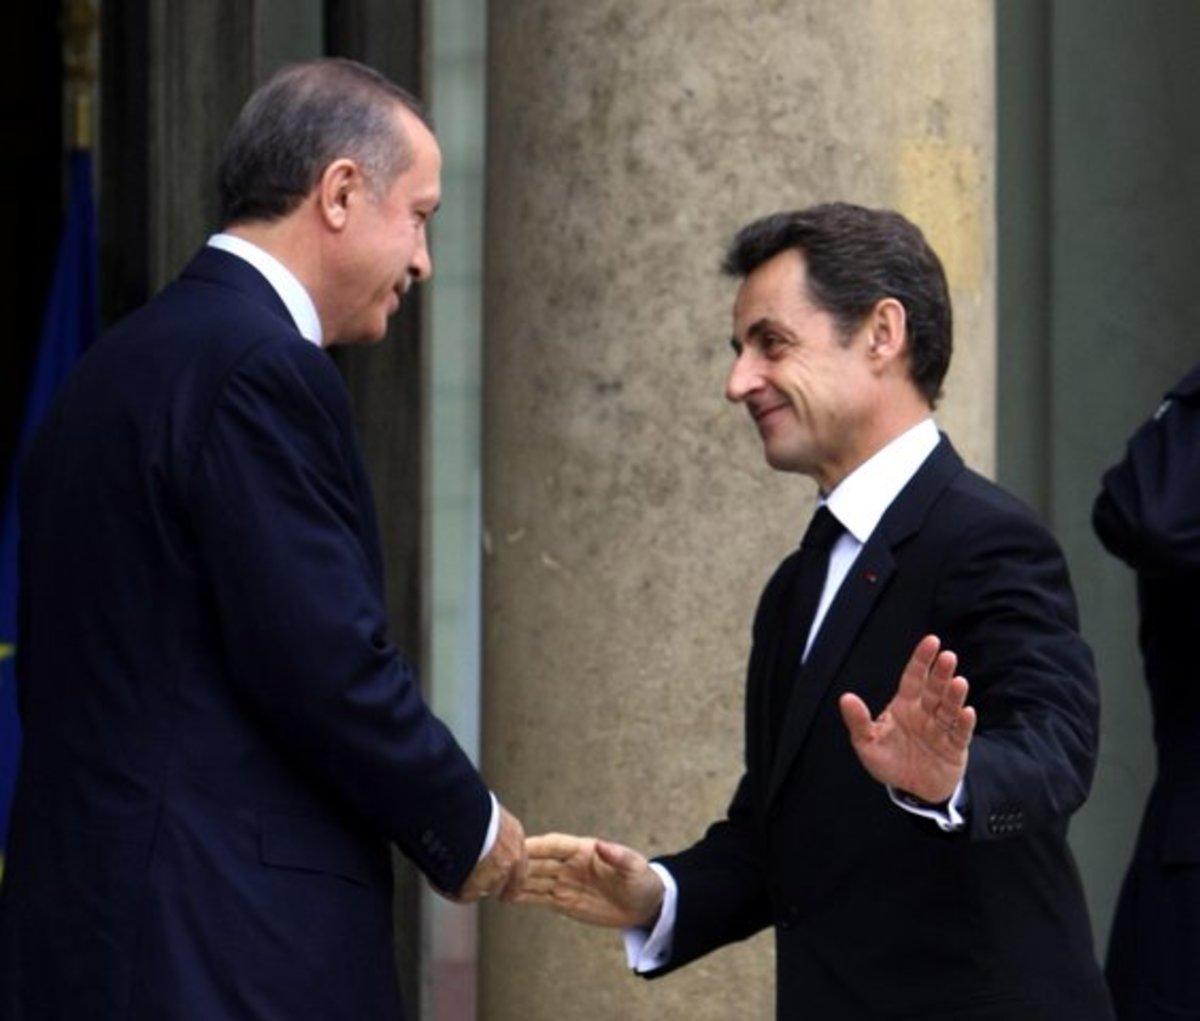 Ερντογάν : Τώρα Σαρκοζί φύγε για διακοπές! | Newsit.gr